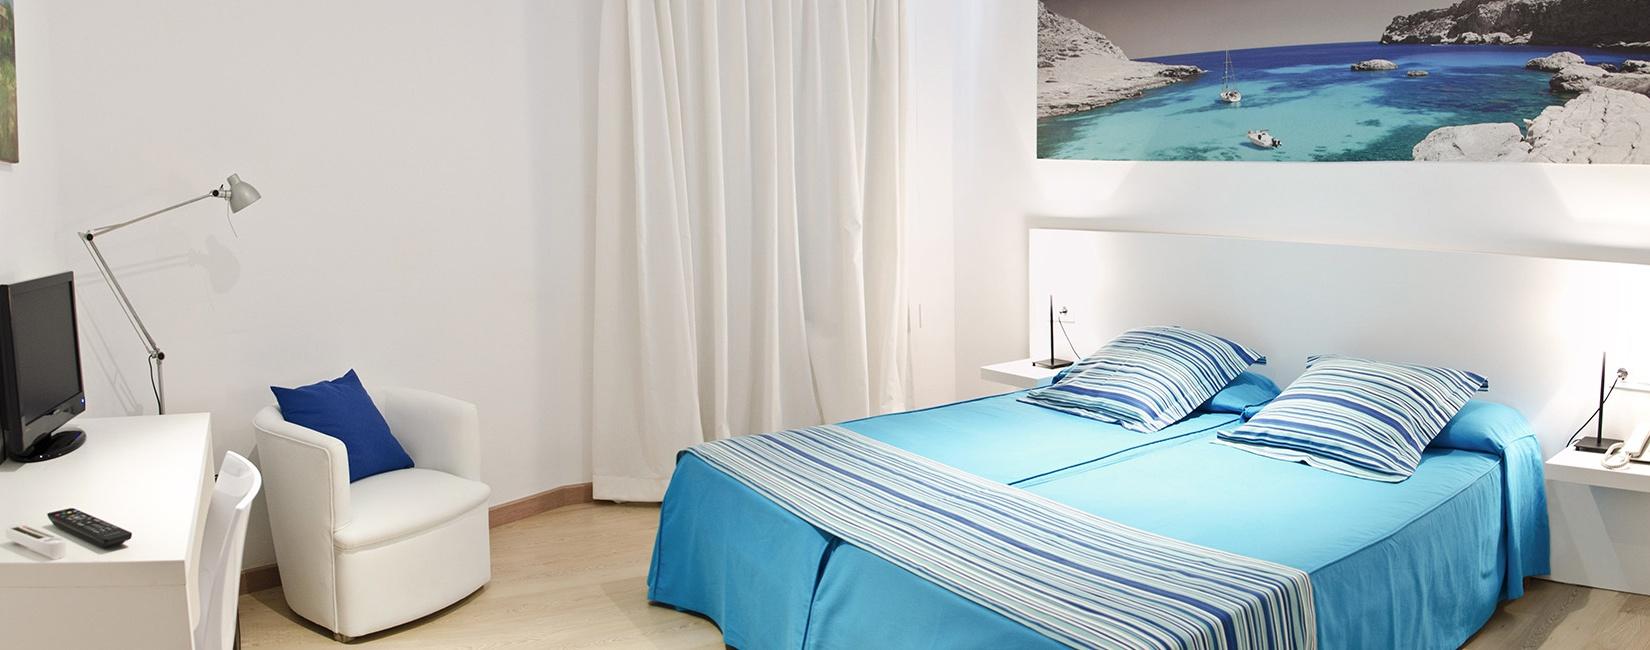 Habitaciones Capri Hotel